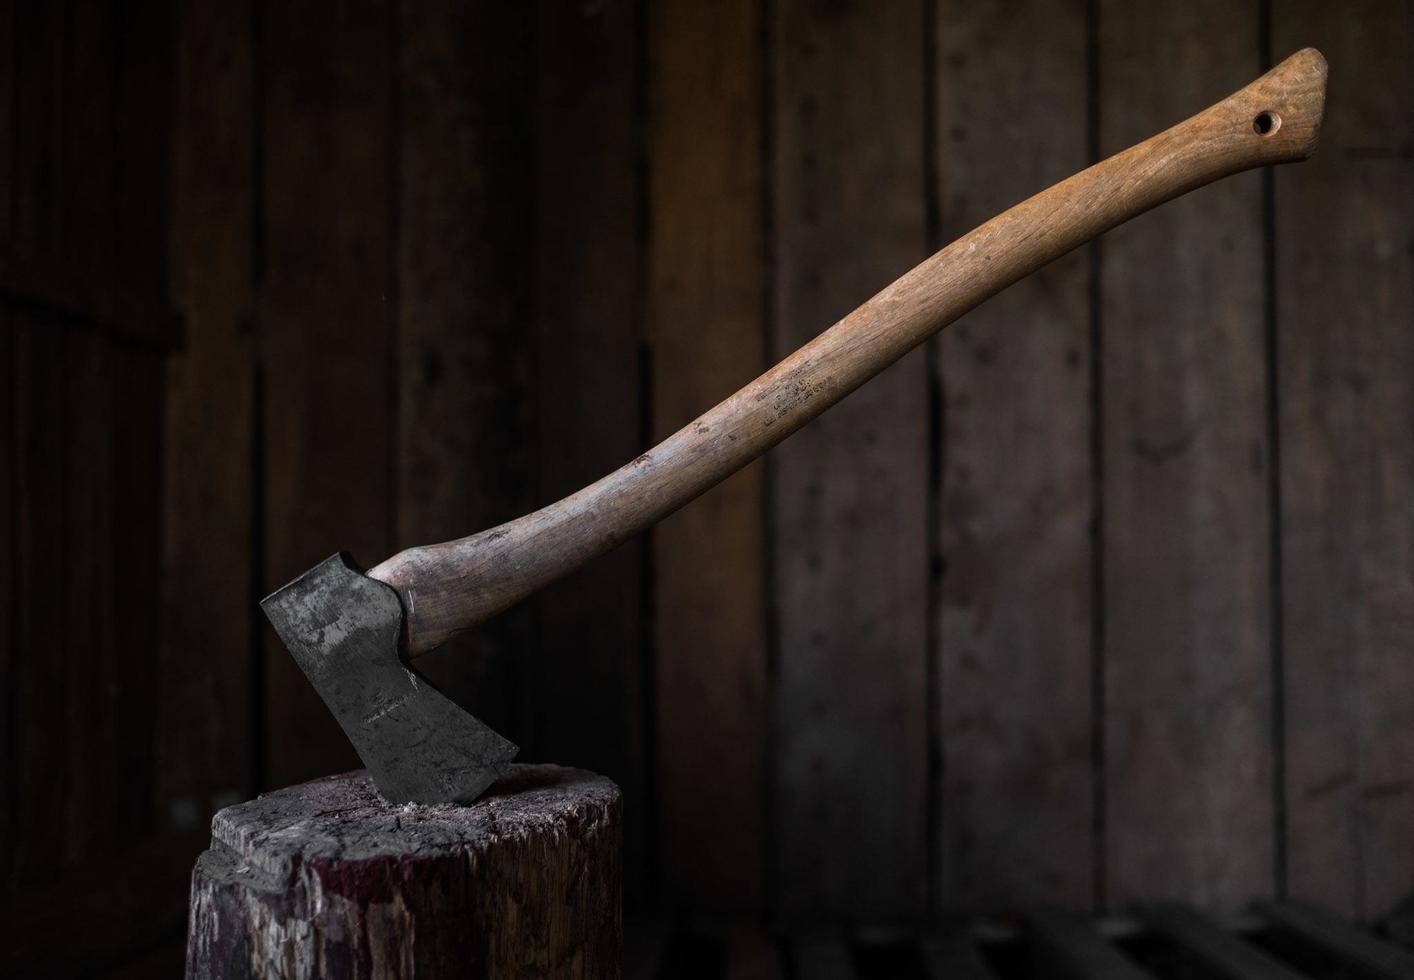 een ijzeren bijl vast in een houten blok foto